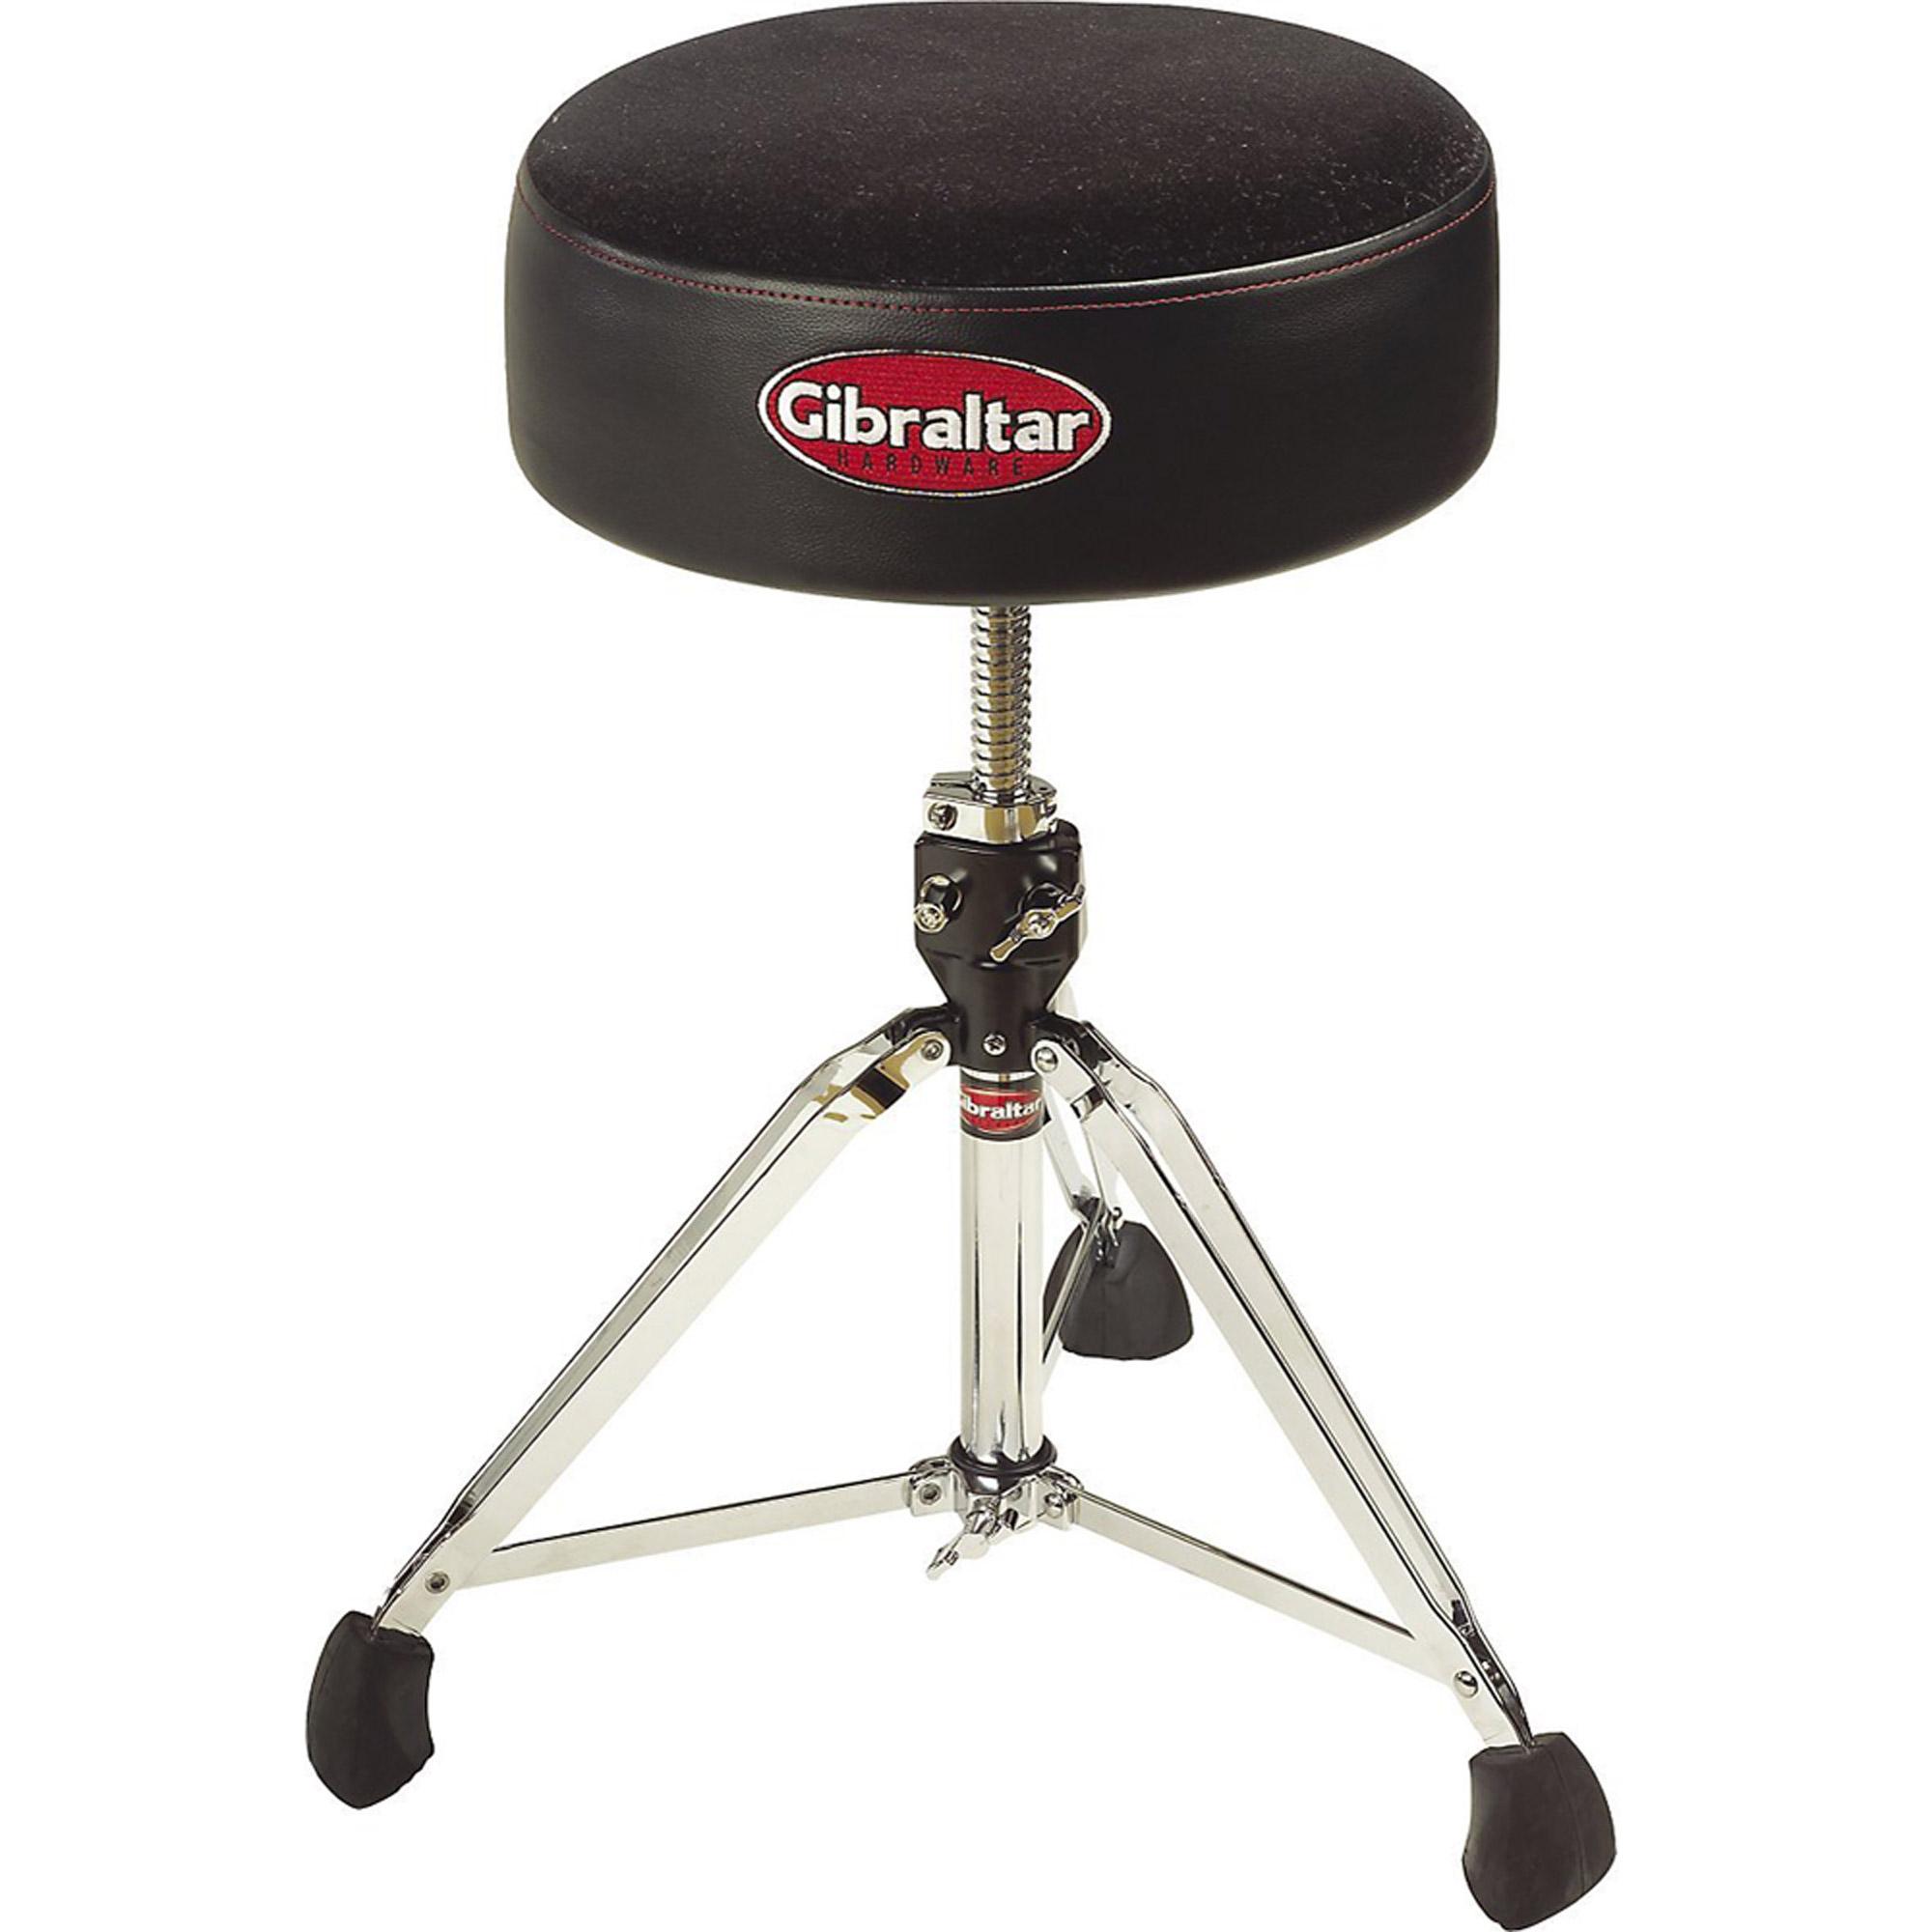 Gibraltar 9608 Drum Throne by Gibraltar